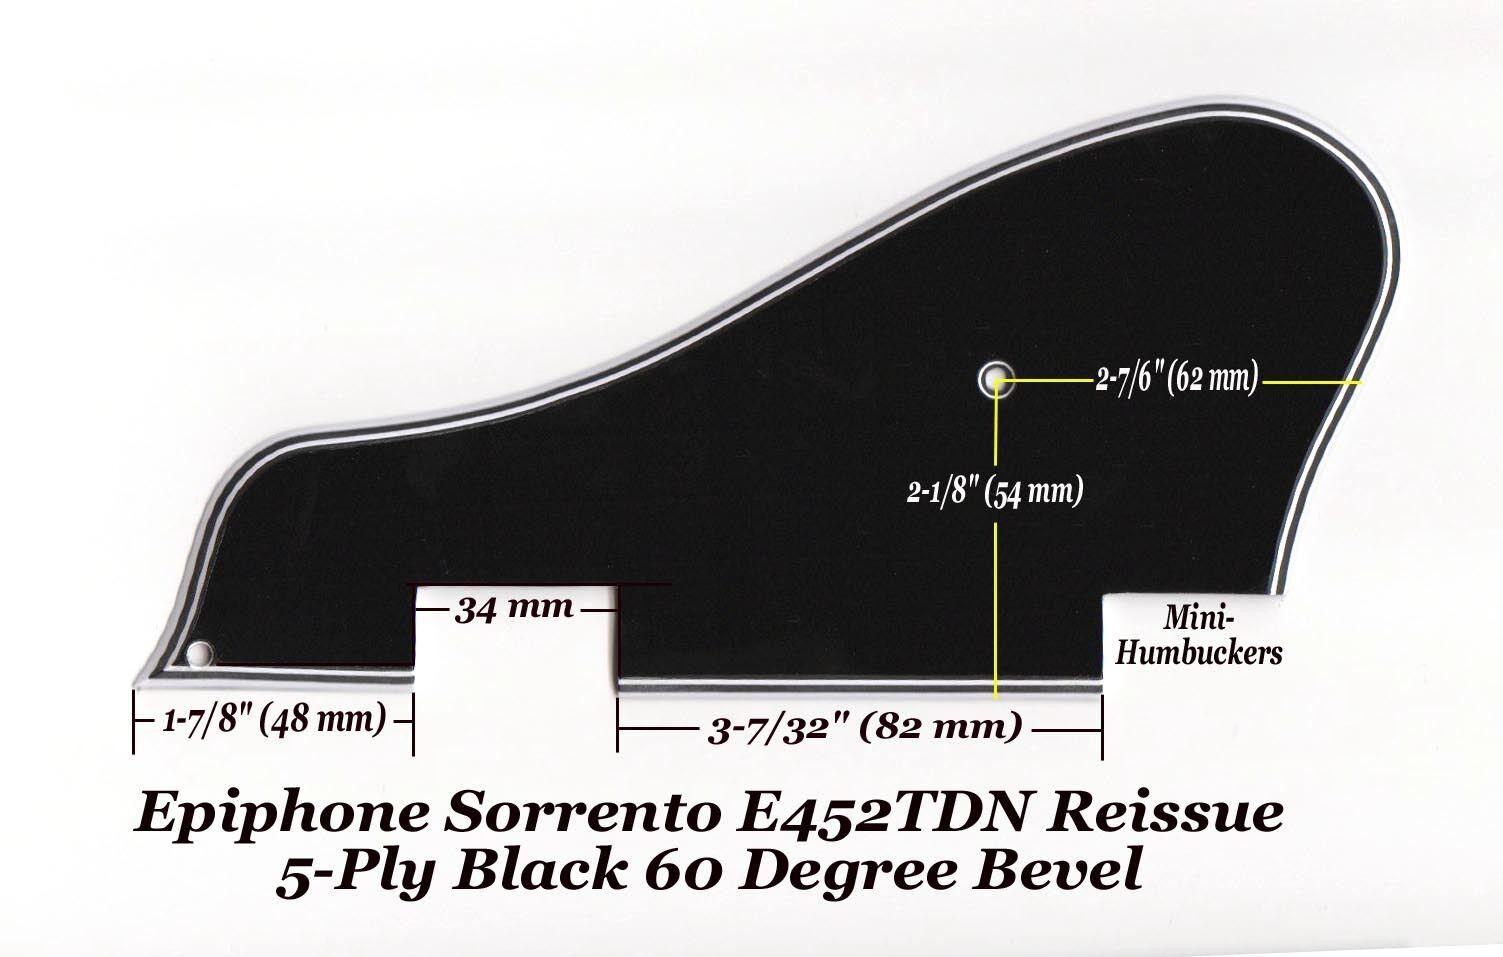 Sorrento E452TDN 5-Ply Blk Mini-HB Pickguard & Bracket for Epiphone Project